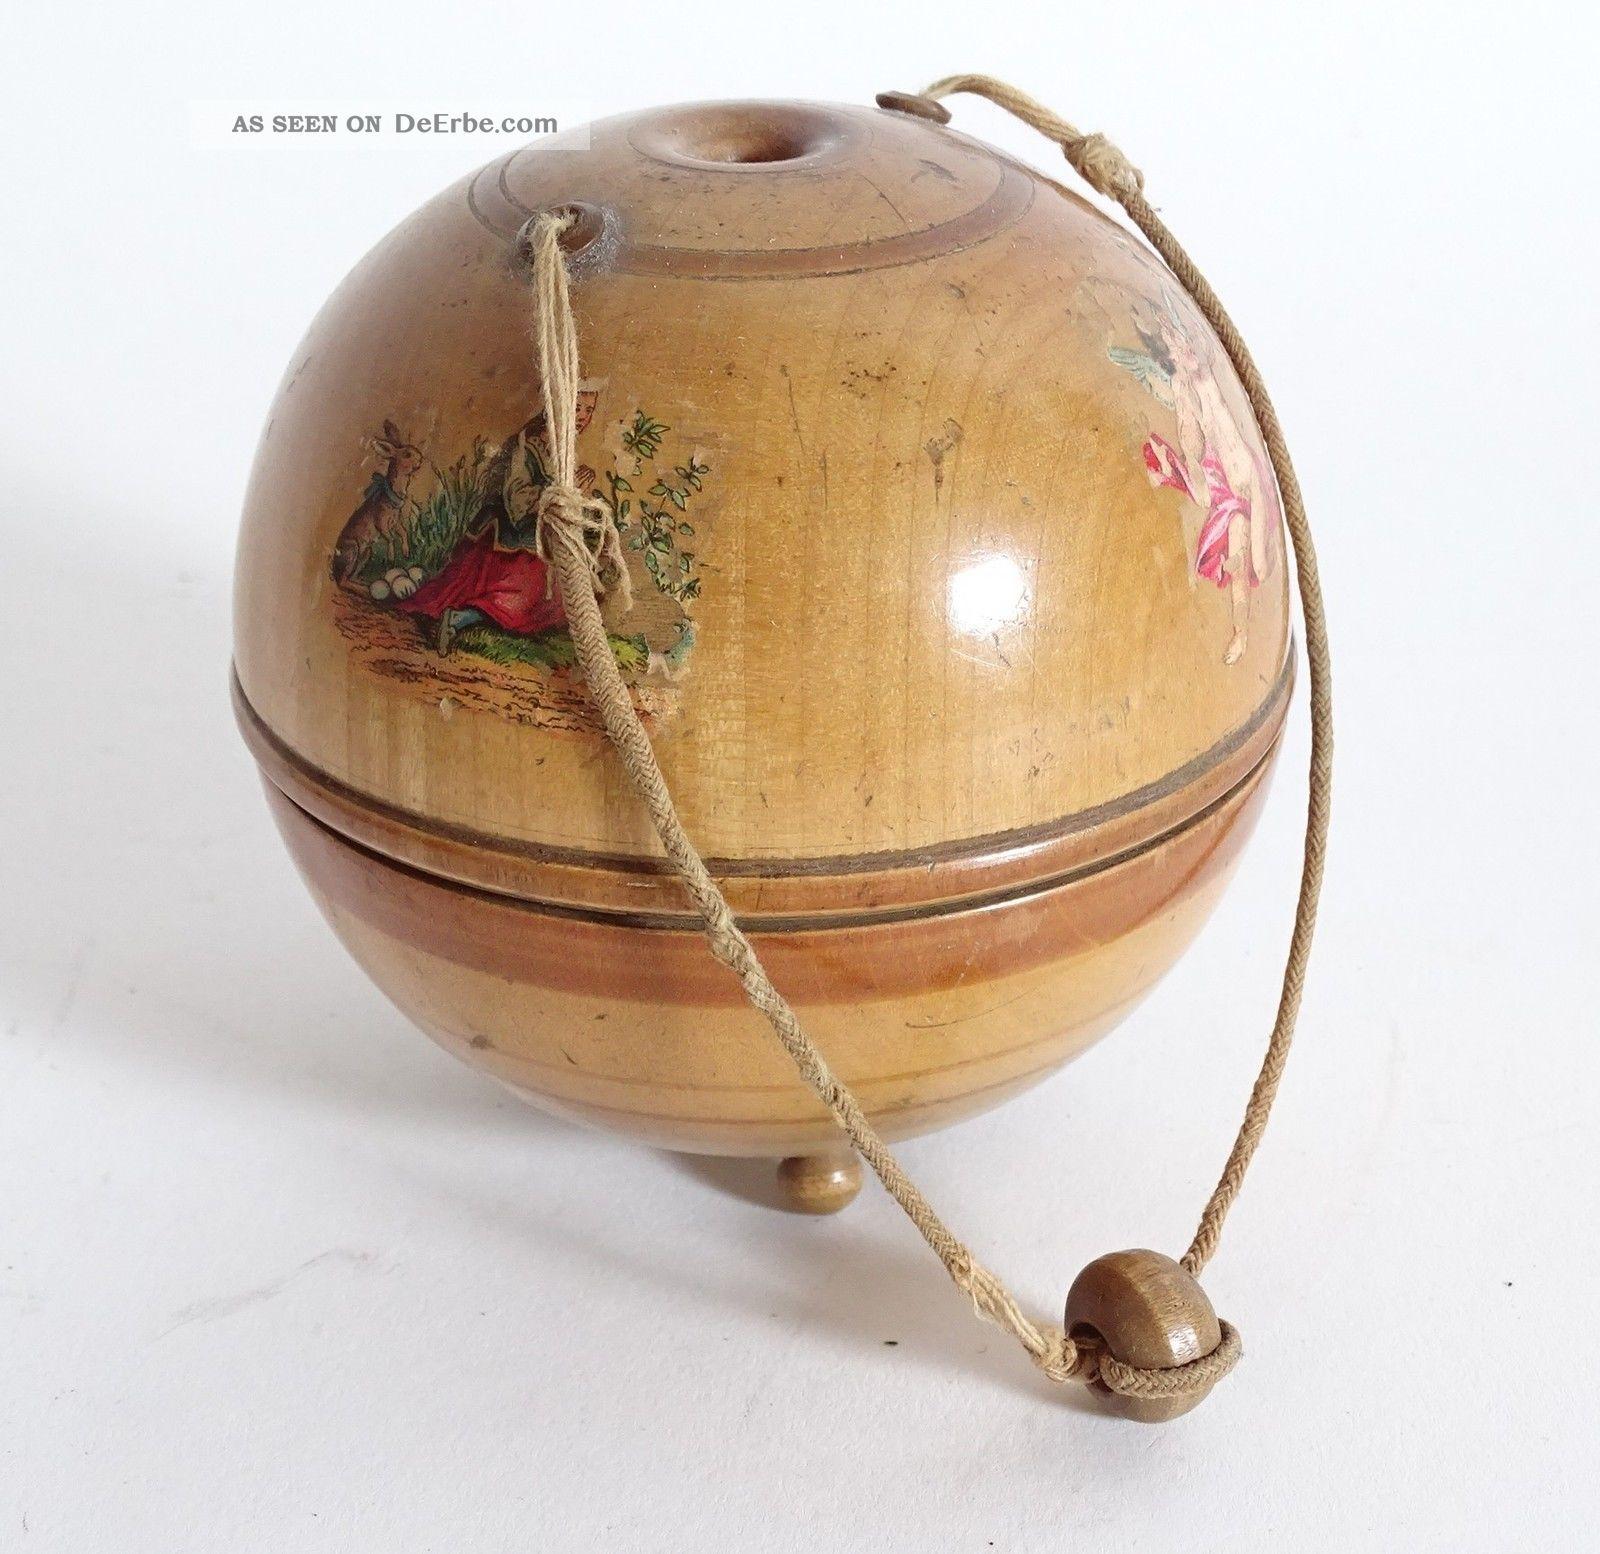 Antike Biedermeier Wollkugel Vor 1900 Strickkugel Aus Holz Stick Zubehör Rarität Holzarbeiten Bild